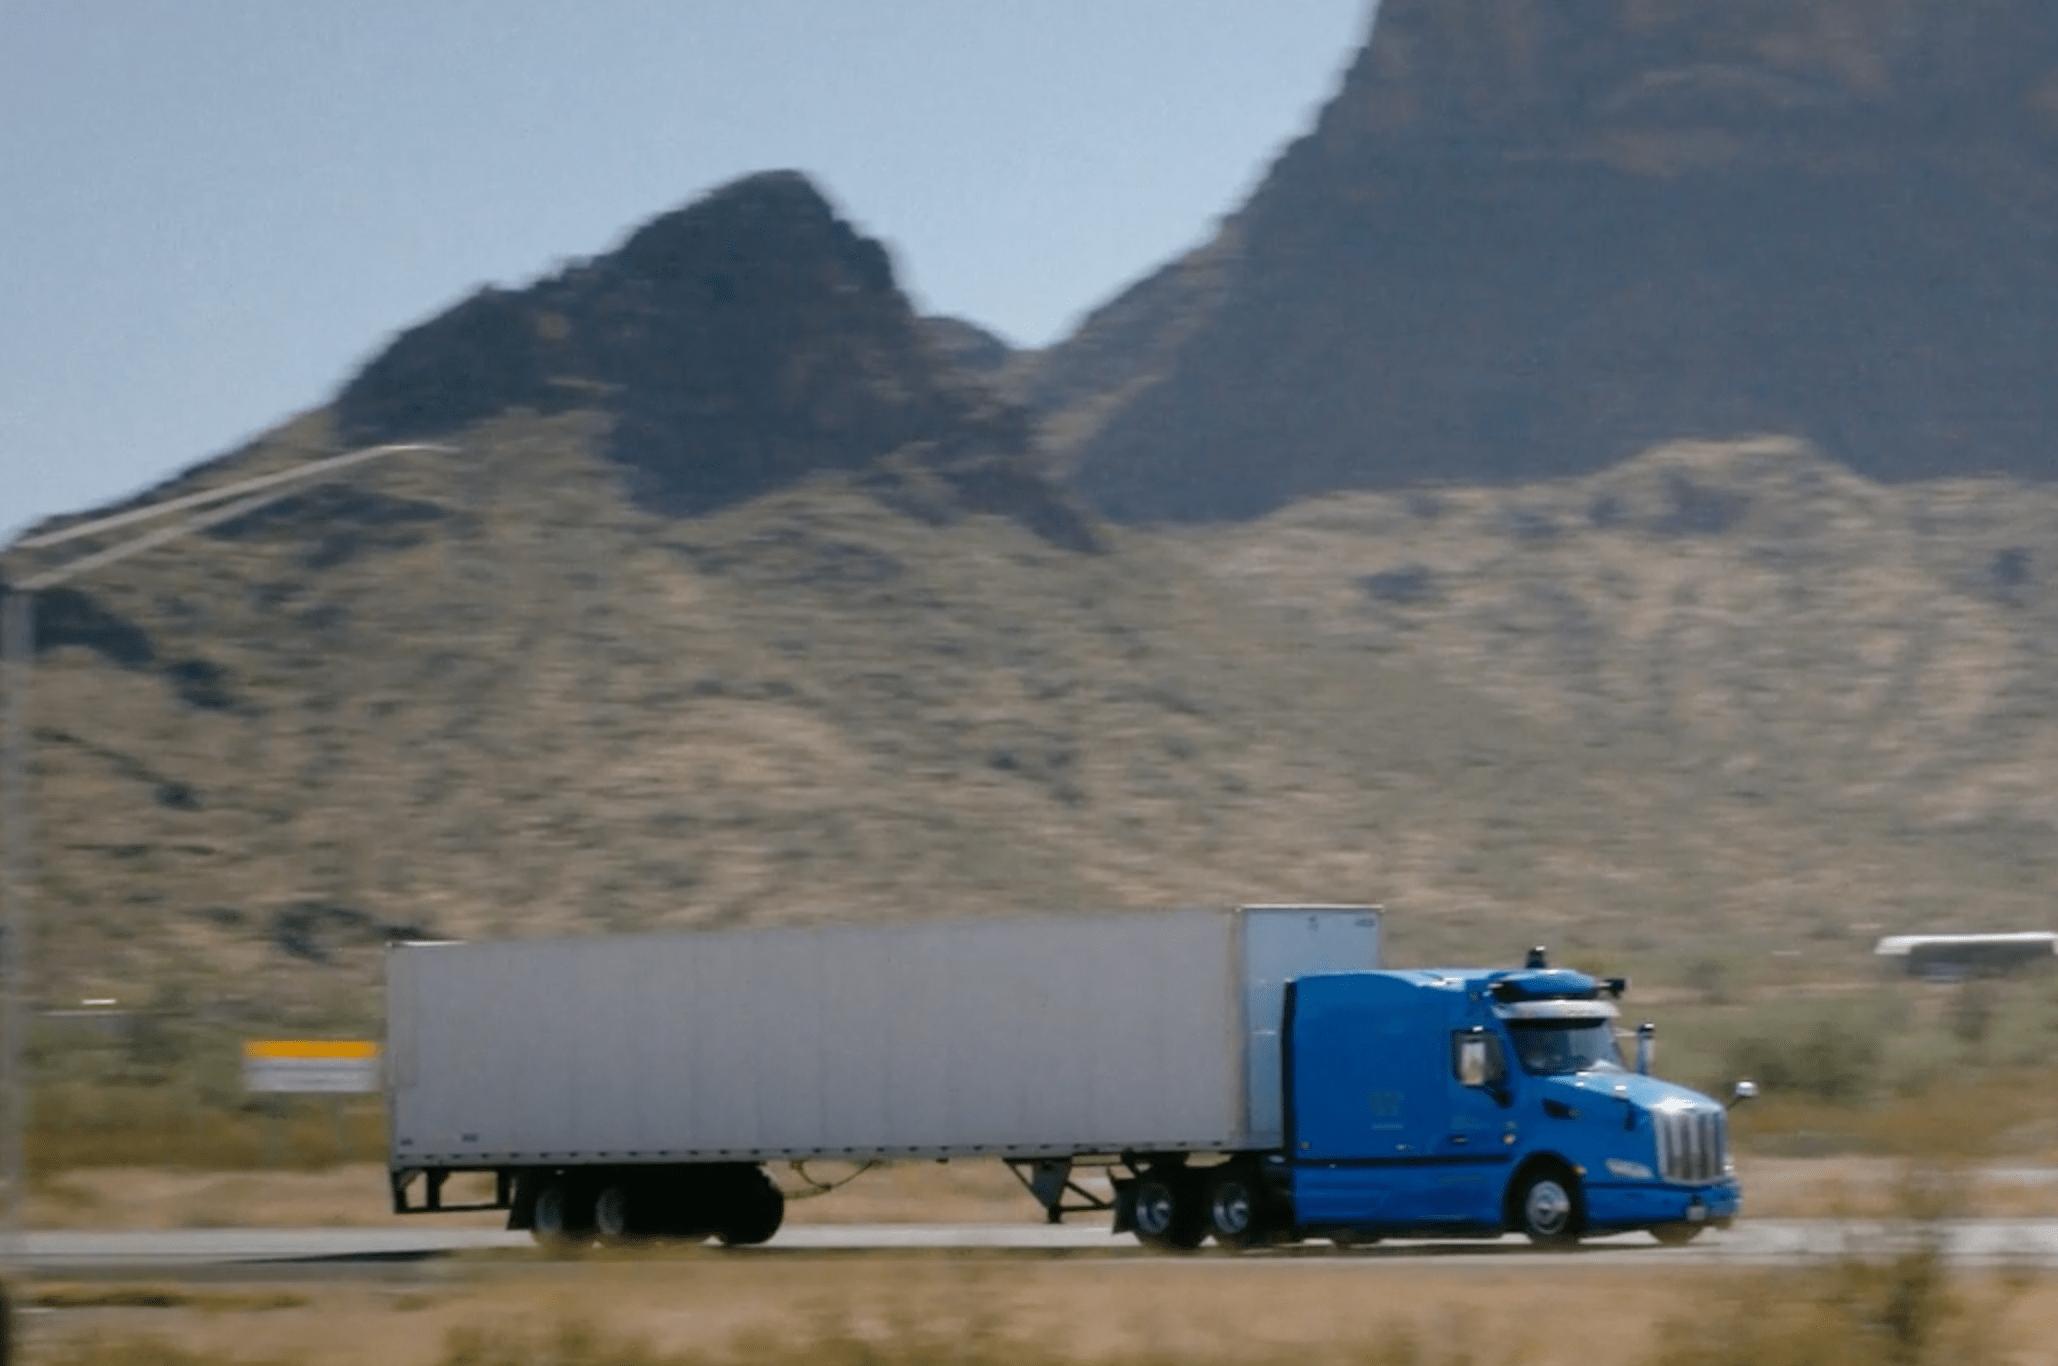 Waymo Via trucking